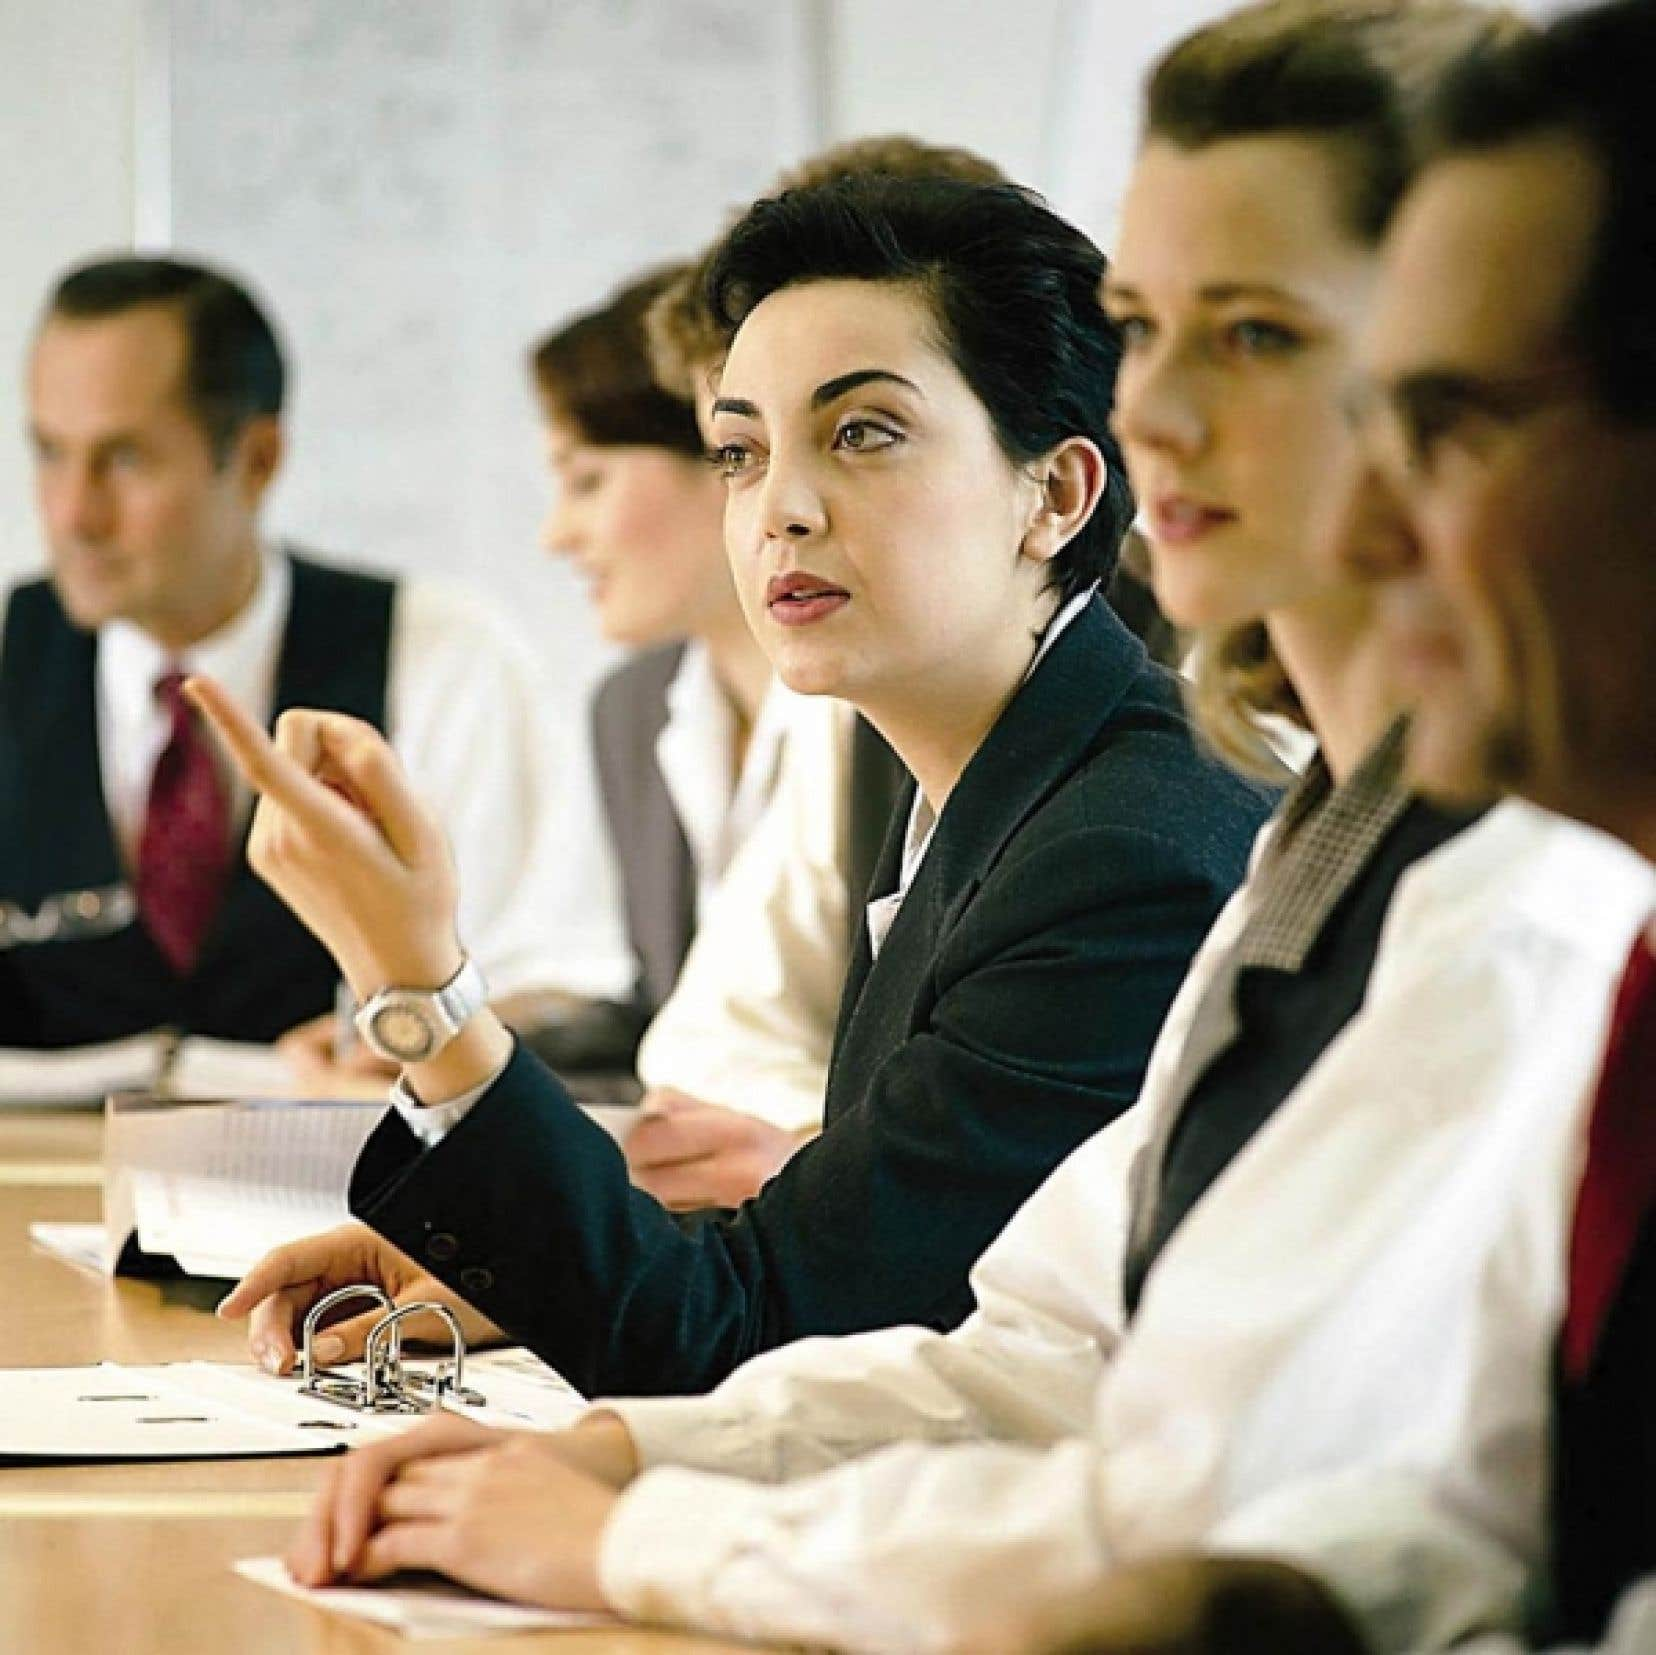 L'entreprise doit par conséquent réaliser un exercice d'équité salariale en commençant par identifier les différents types d'em-ploi auxquels elle recourt, pour ensuite déterminer la prédominance sexuelle pour chacun d'entre eux.<br />